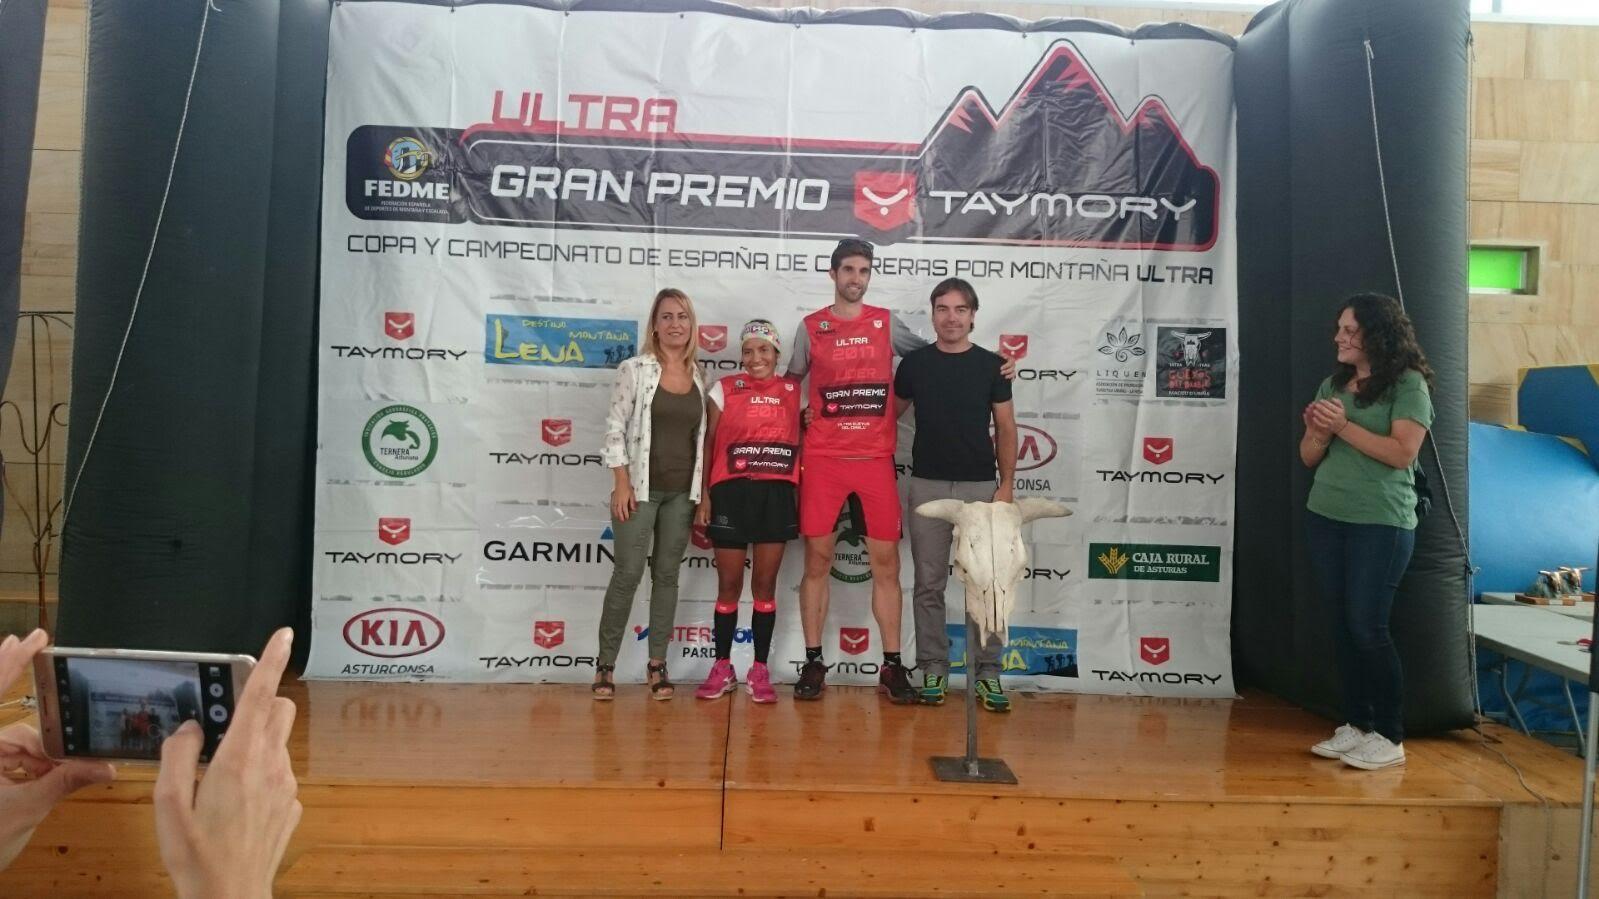 Iván González y Mercedes Pila ganan el Ultra Güeyos del Diablu de la Copa de España de Carreras por Montaña Ultra - Gran Premio Taymory